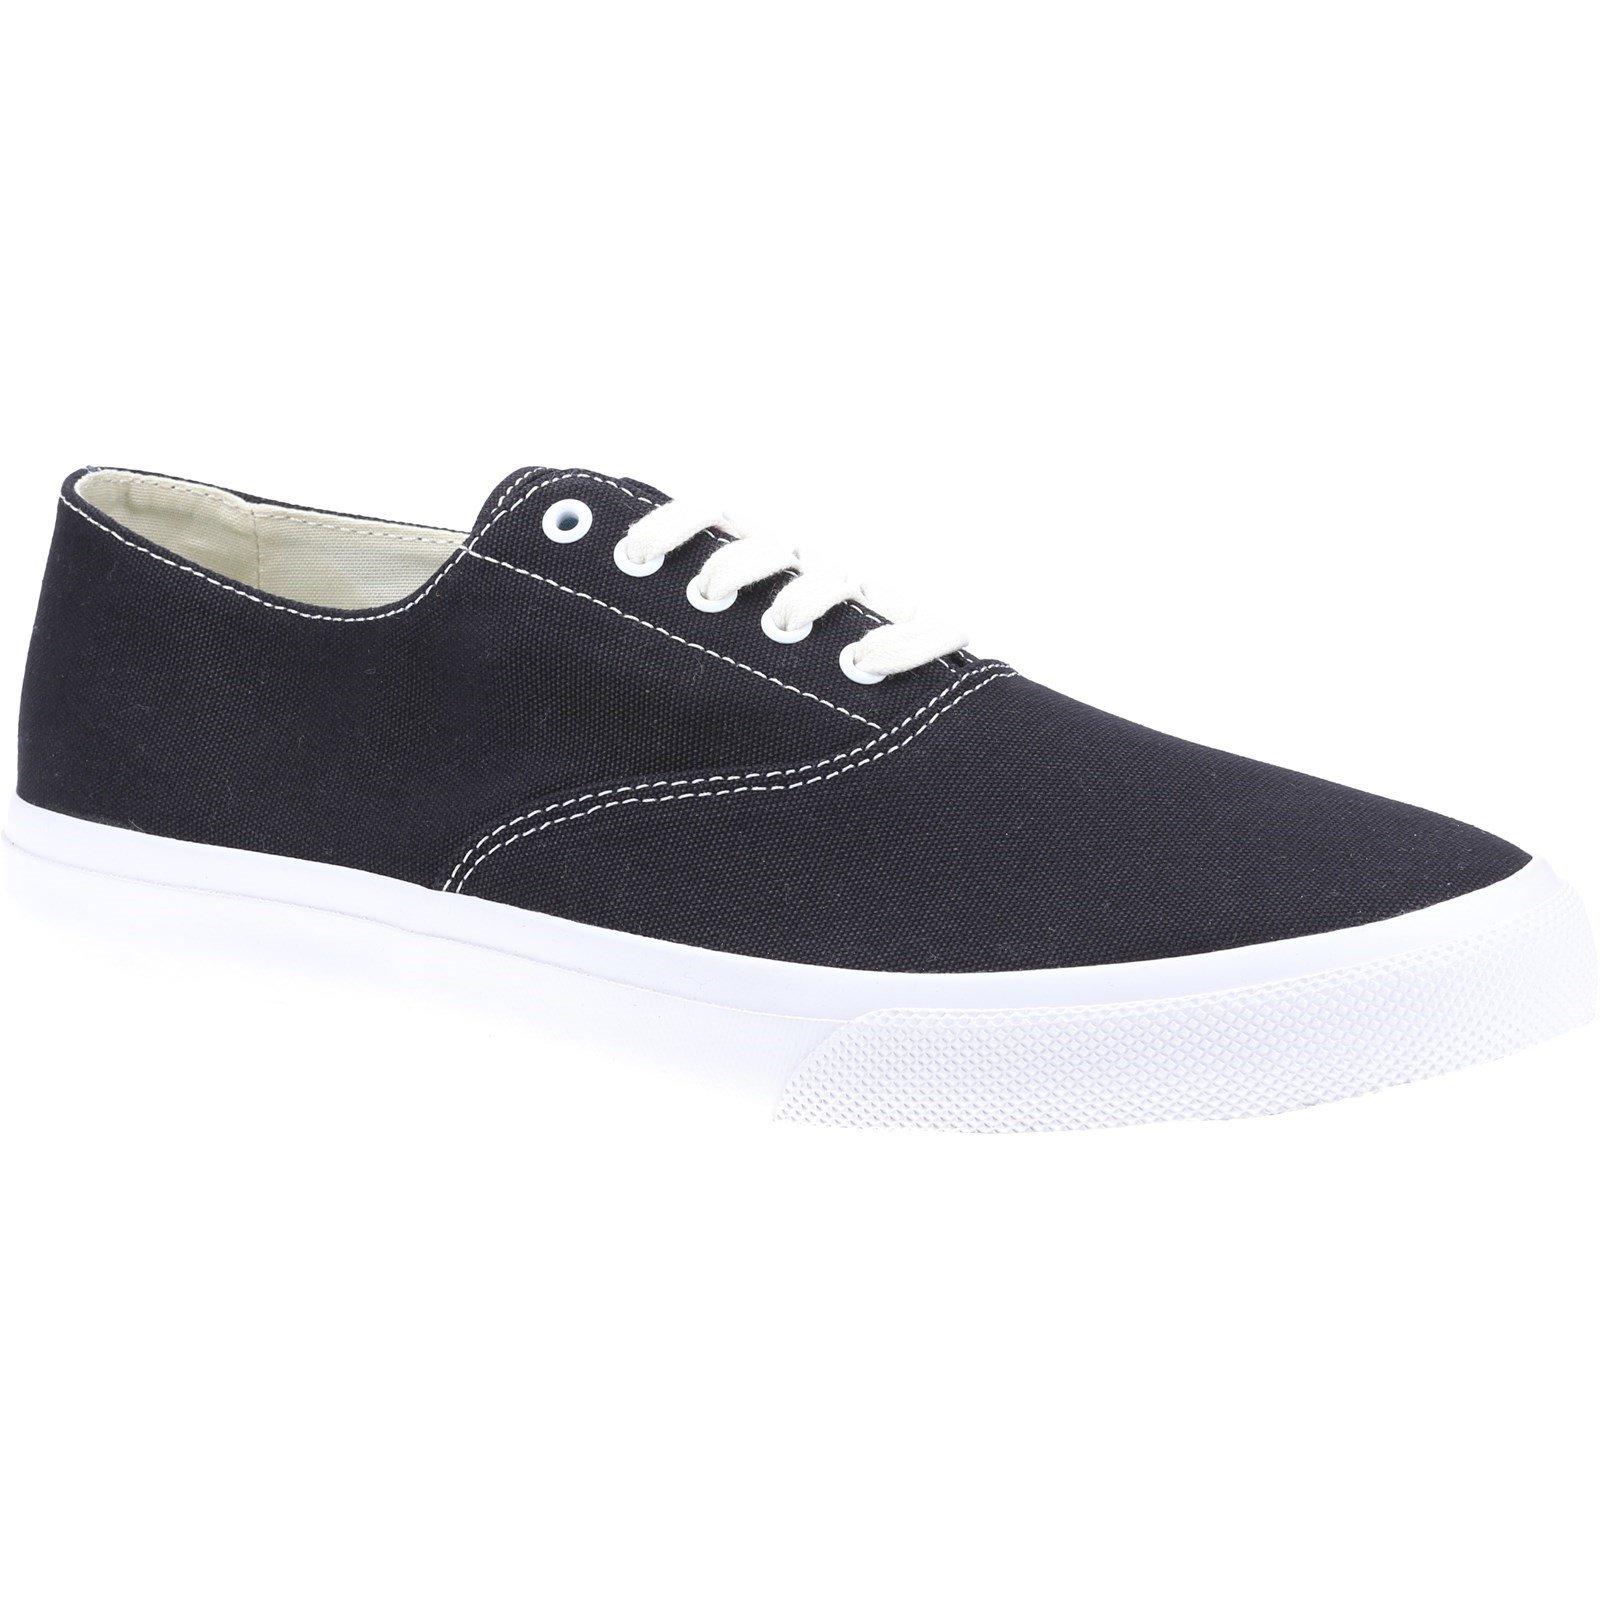 Sperry Men's Cloud CVO Boat Shoe Various Colours 33537 - Black 9